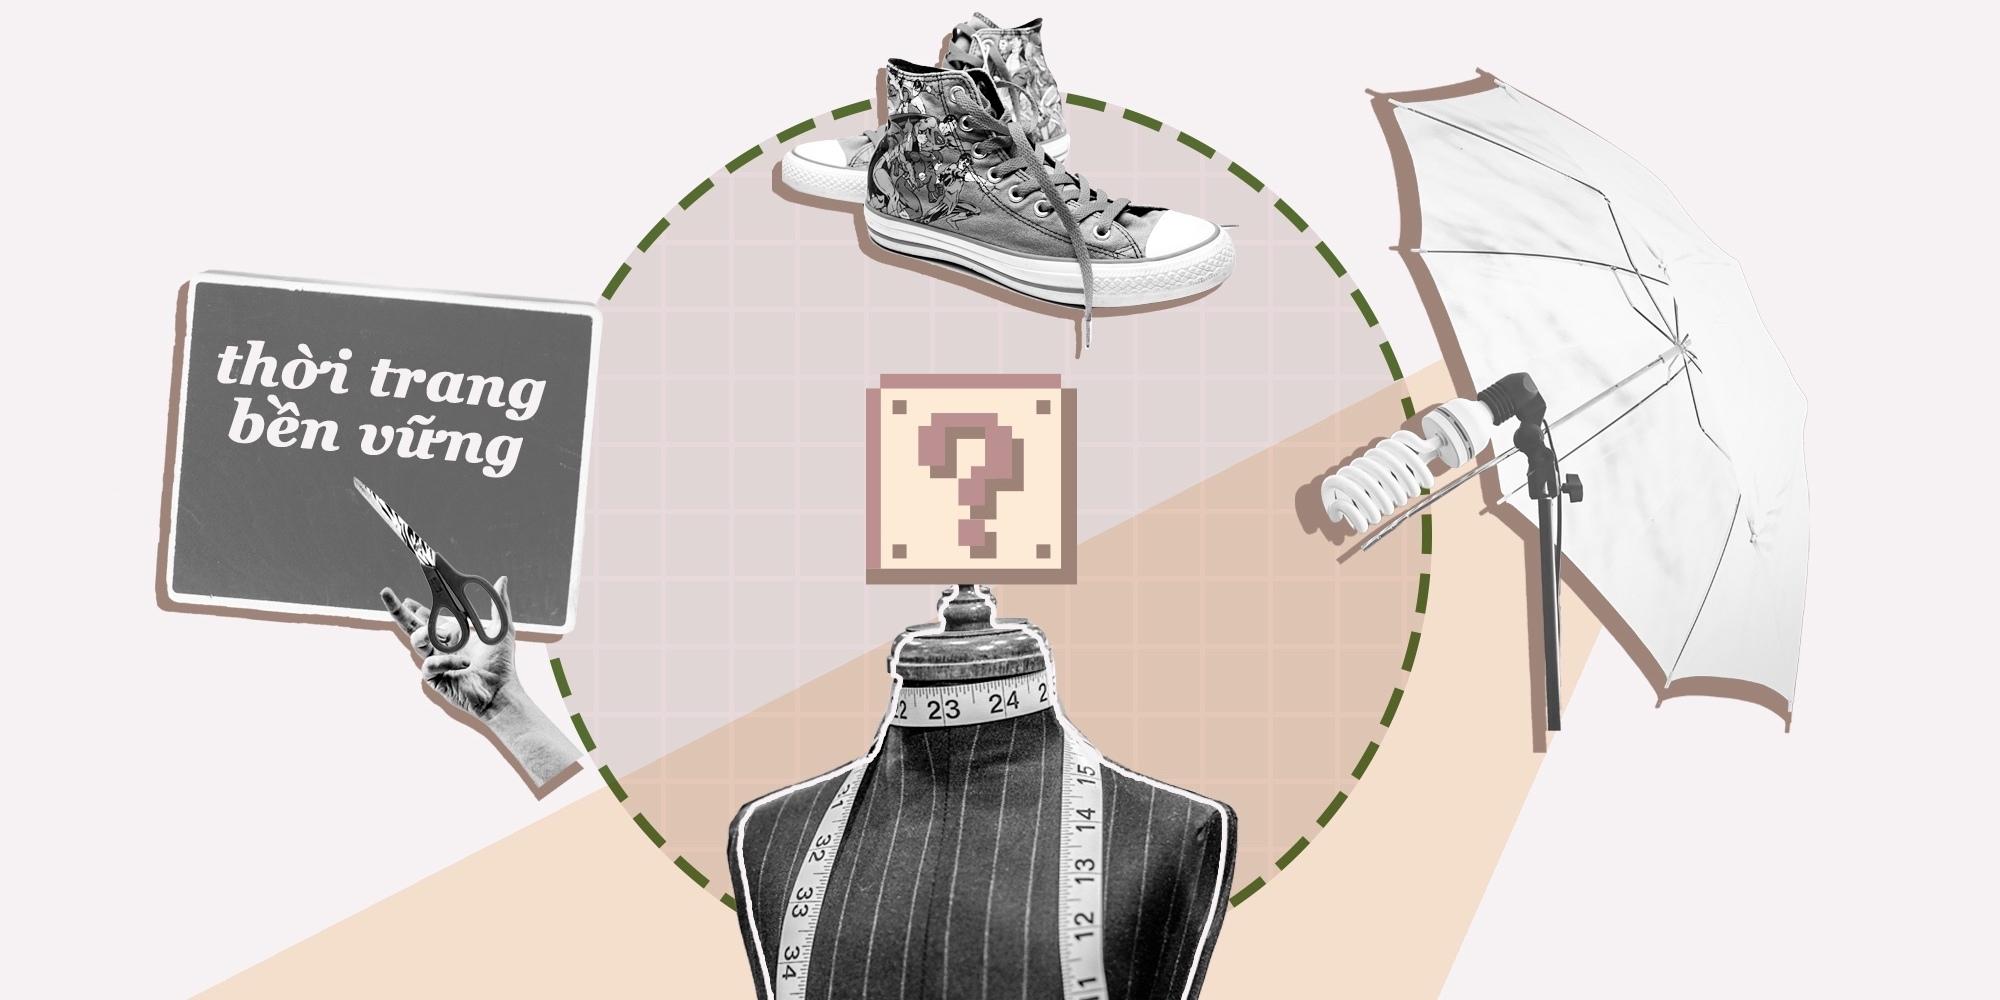 22 Thuật ngữ về thời trang bền vững bạn nên biết